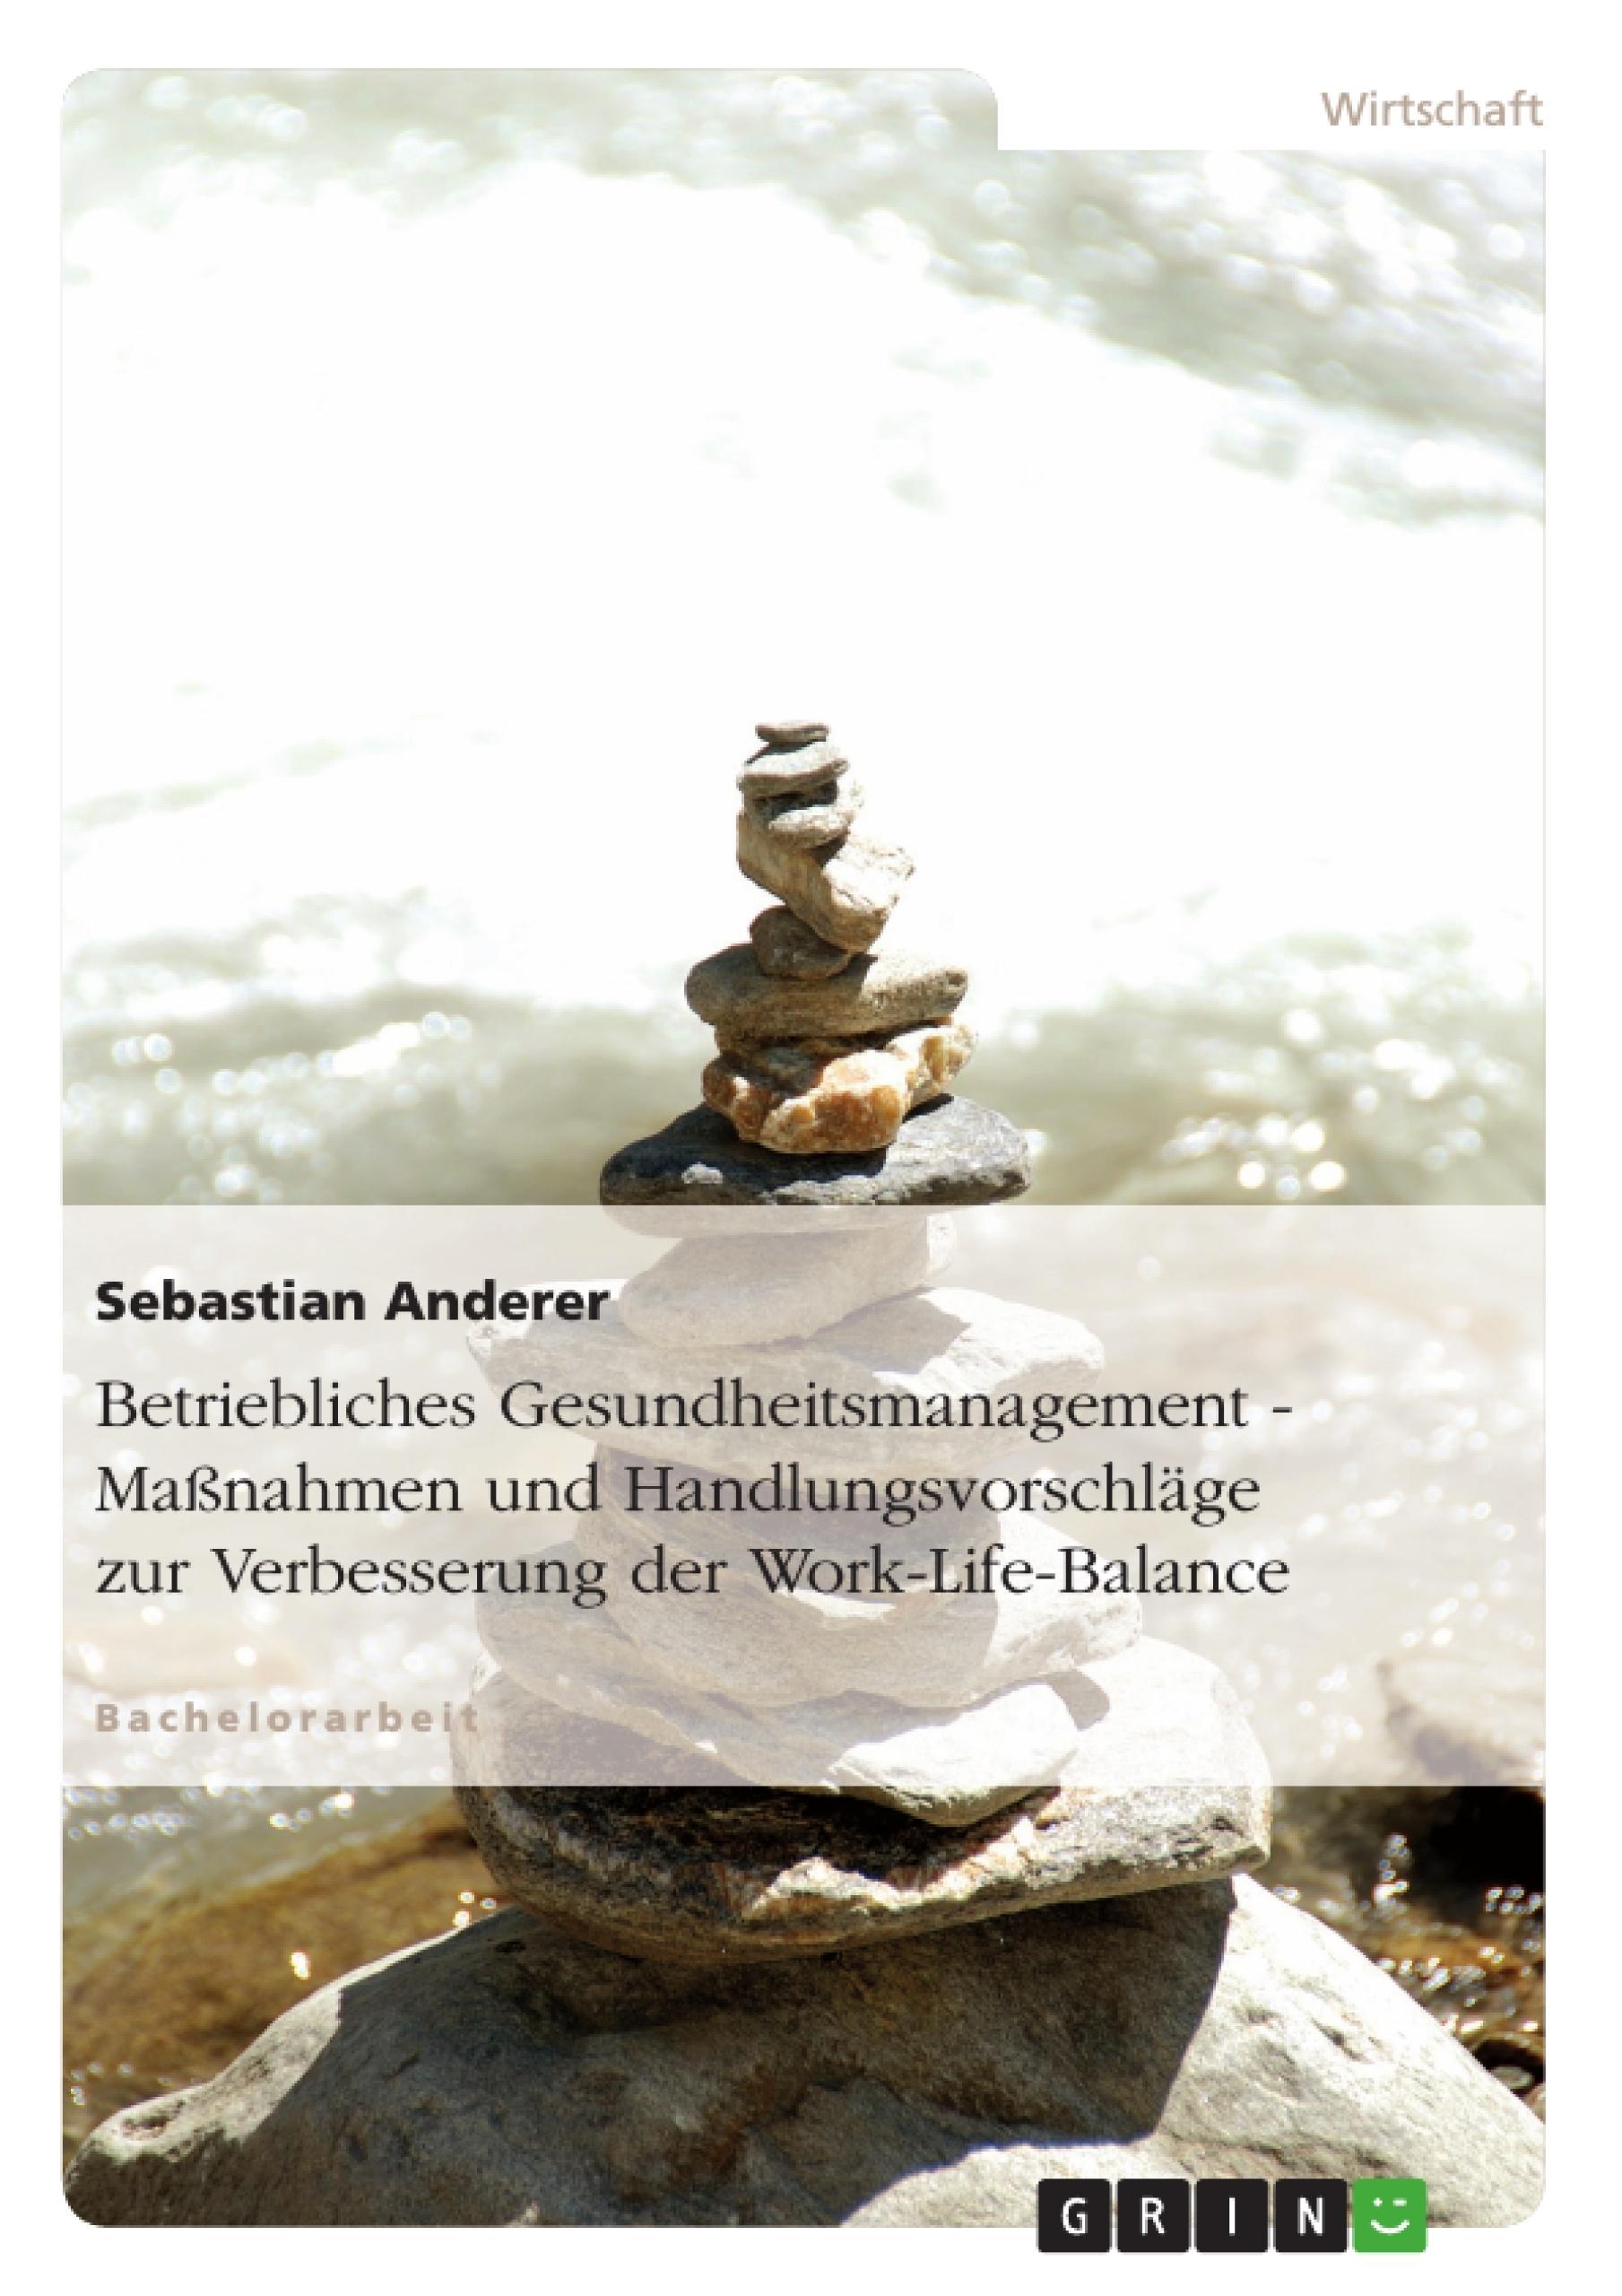 Titel: Betriebliches Gesundheitsmanagement - Maßnahmen und Handlungsvorschläge zur Verbesserung der Work-Life-Balance